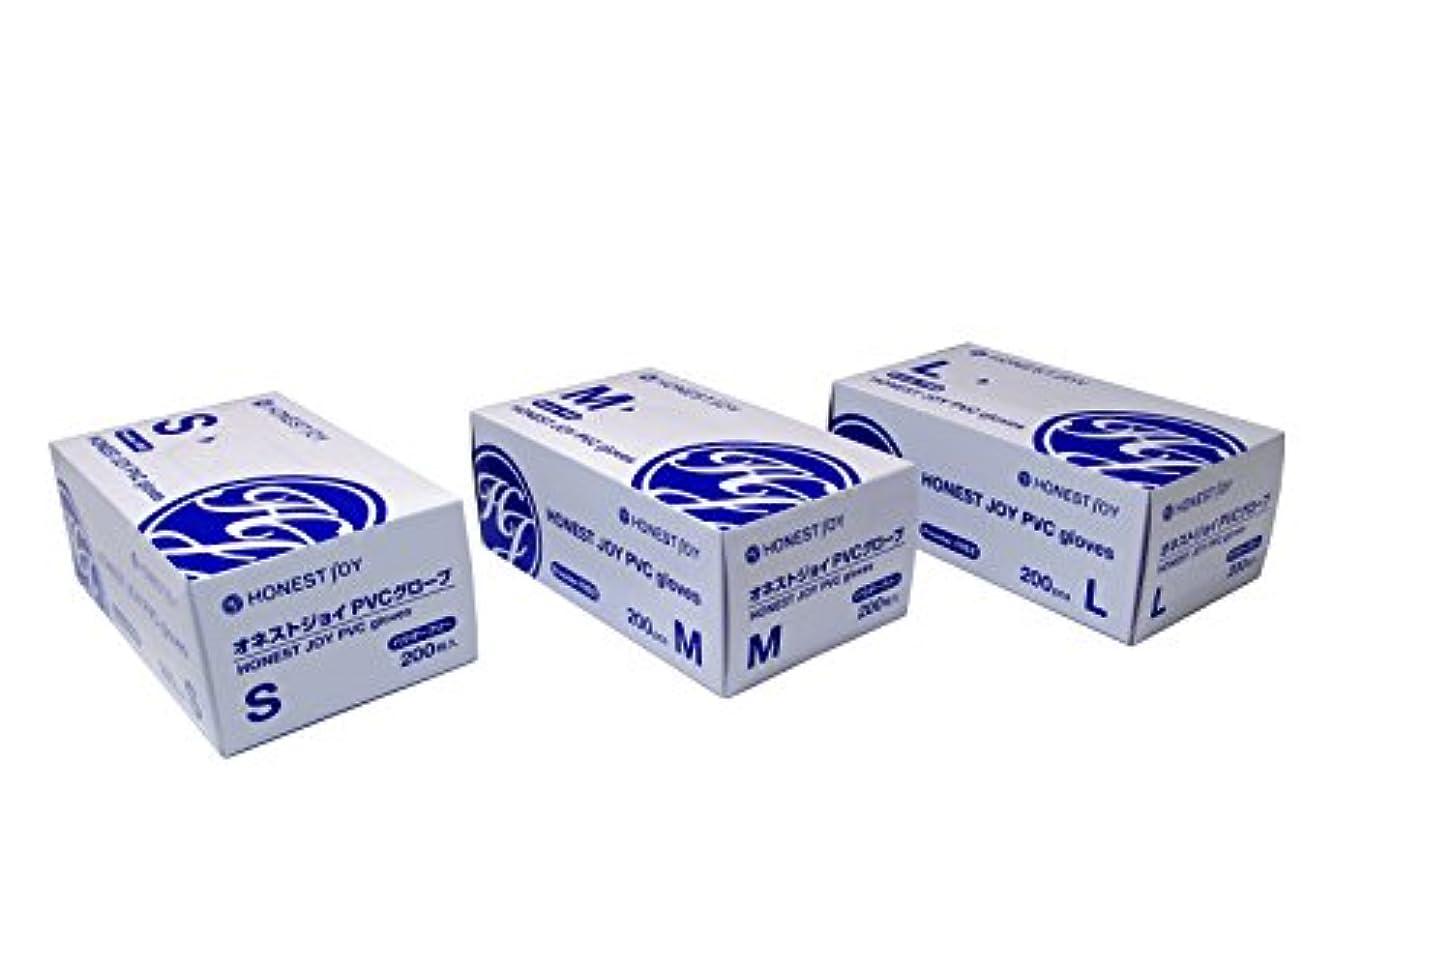 地味な静かな選ぶオネストジョイ PVC グローブ パウダーフリー Lサイズ 1箱200枚入り